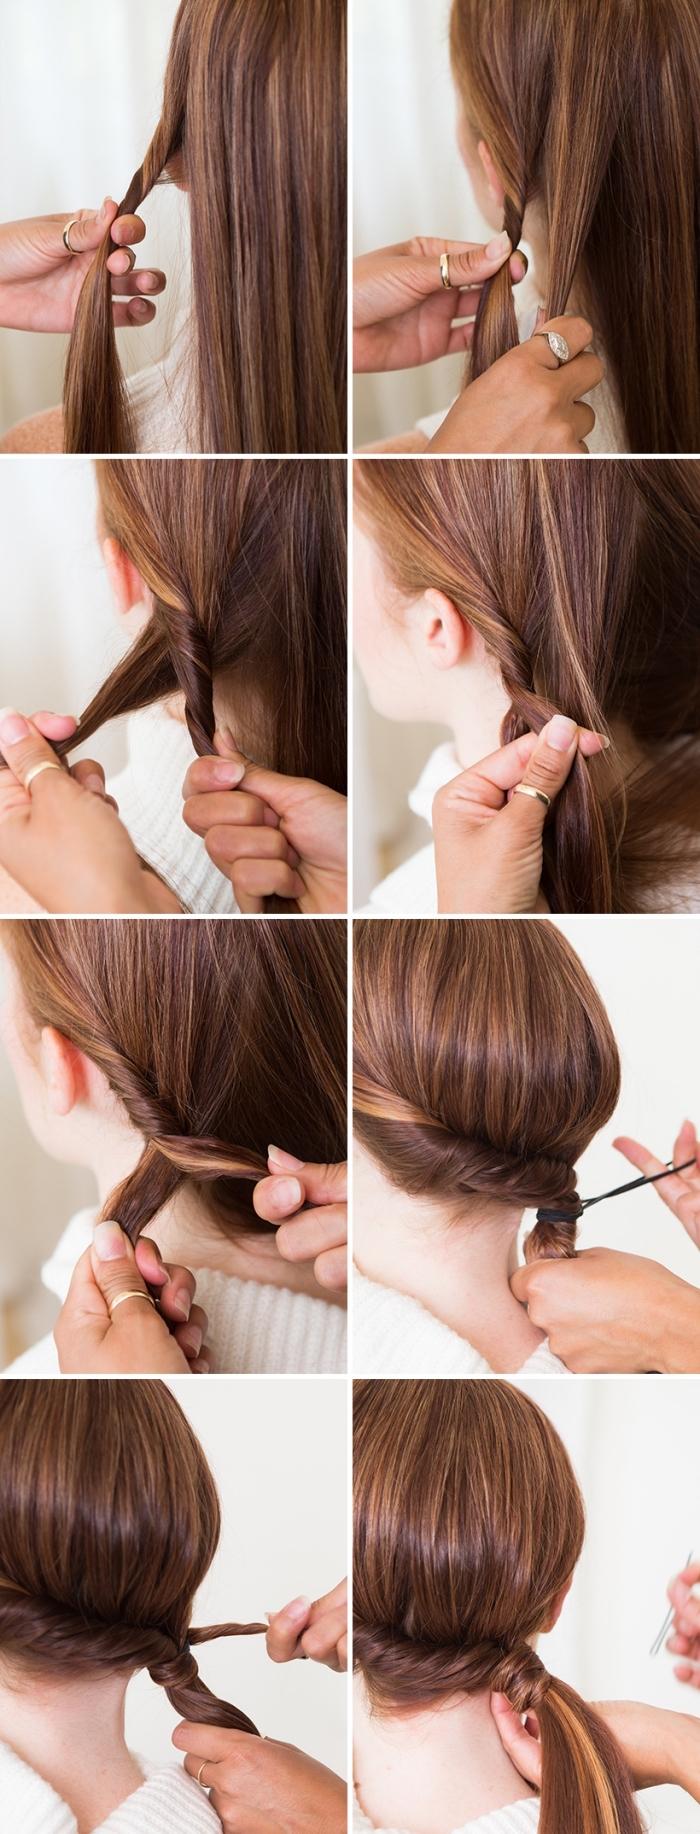 pasos para hacer peinados pelo largo, peinados cabello largo, recogidos bajos fáciles y originales